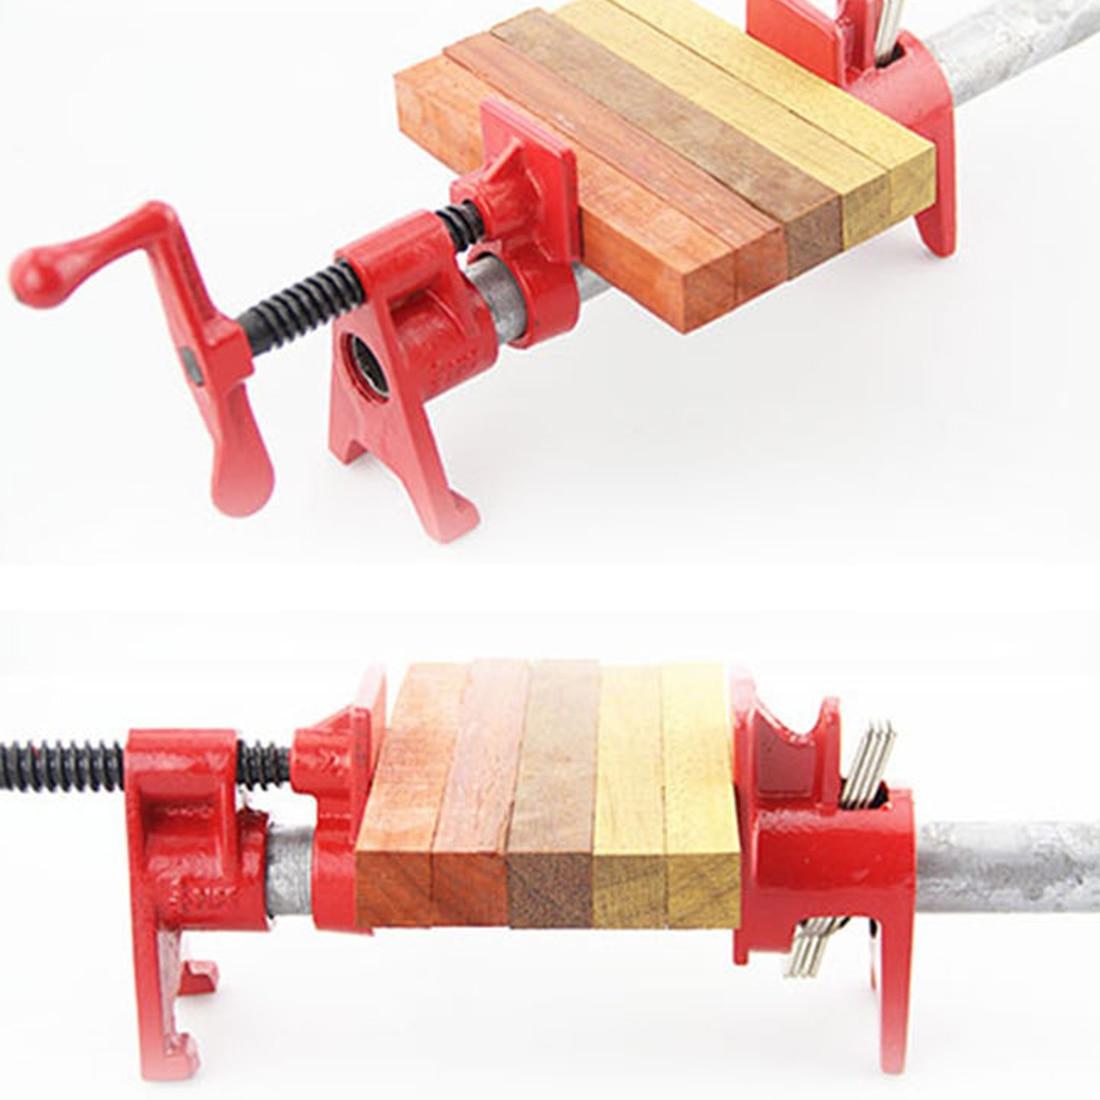 Деревообрабатывающие инструменты 3/4 1/2 дюйма Сверхмощный зажим для труб деревообрабатывающая древесная склеивающая Скоба для труб зажим п...